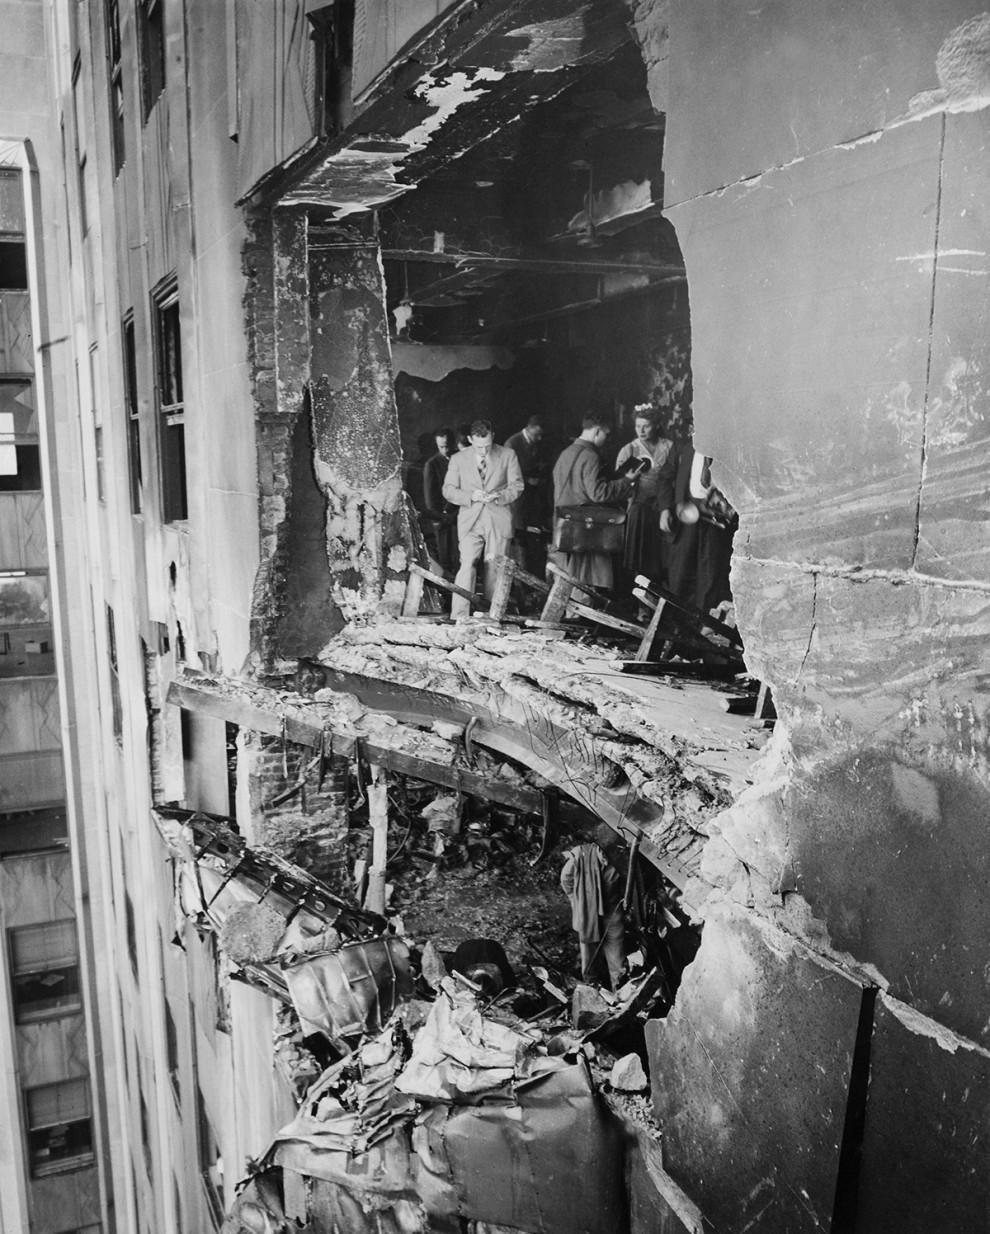 b-25-bomber-crash-vintage-pictures